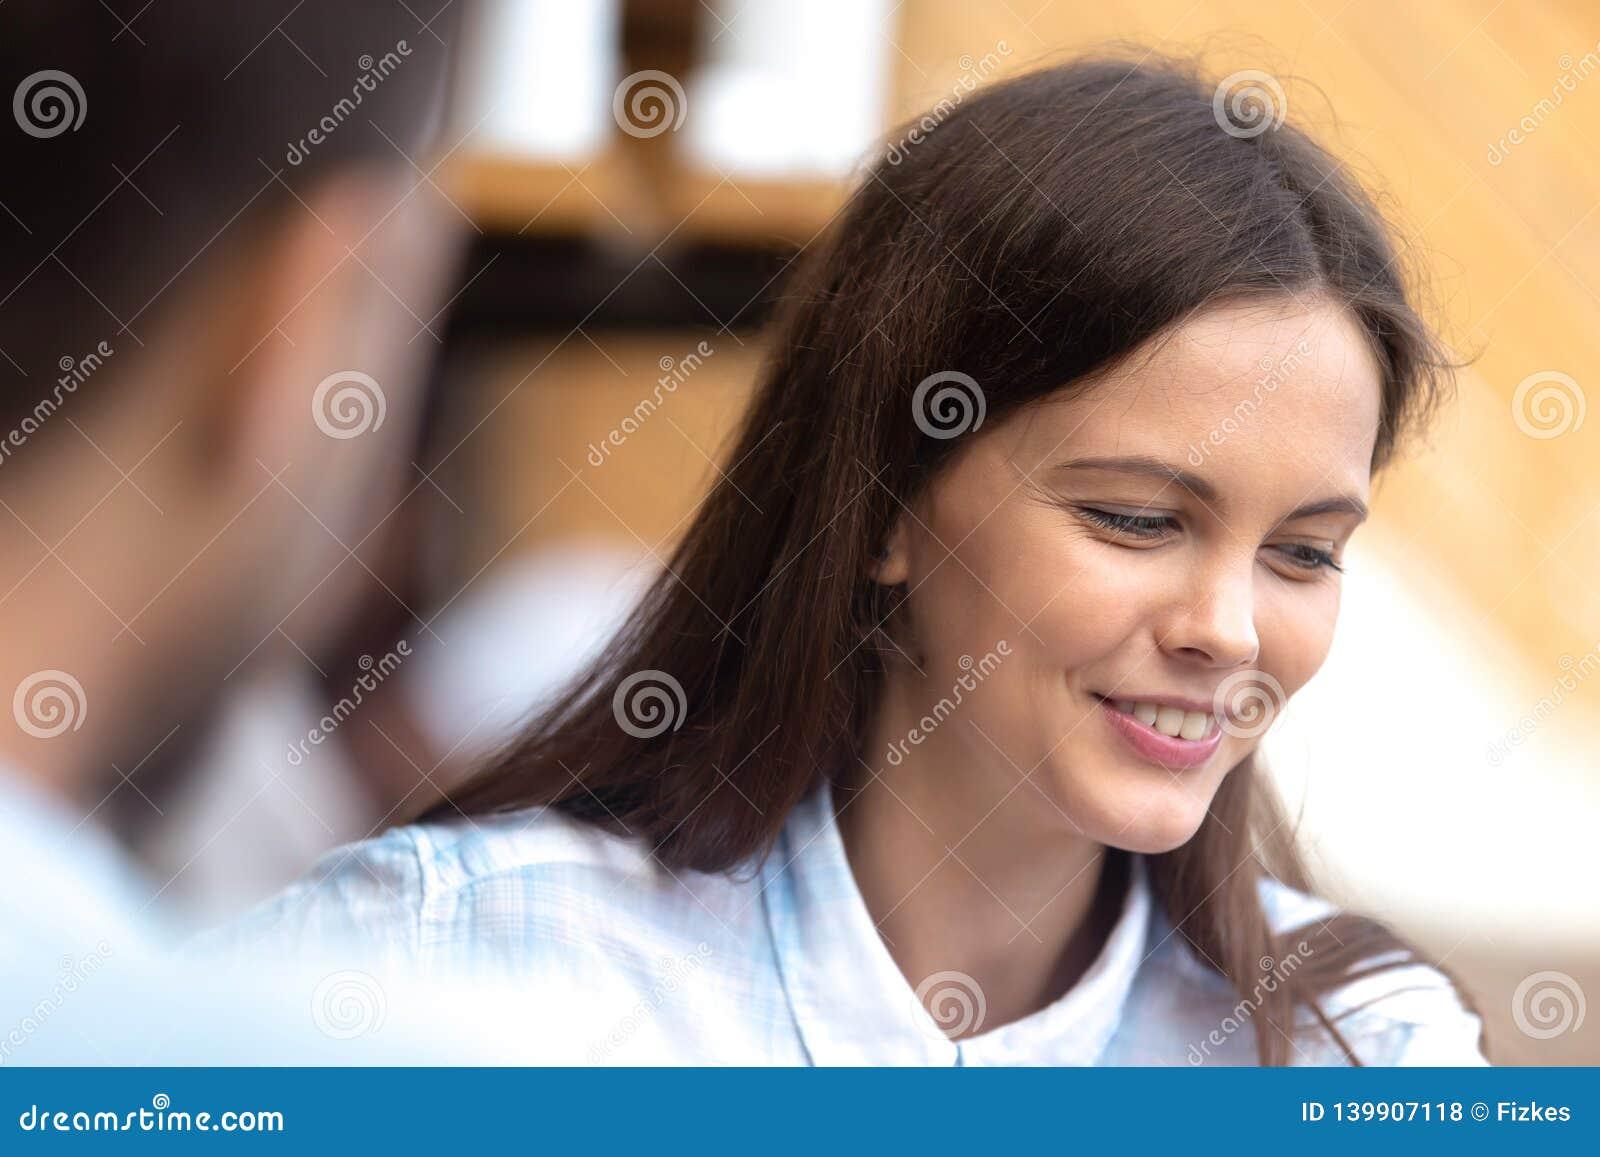 El hablar femenino tímido con el individuo durante fecha romántica